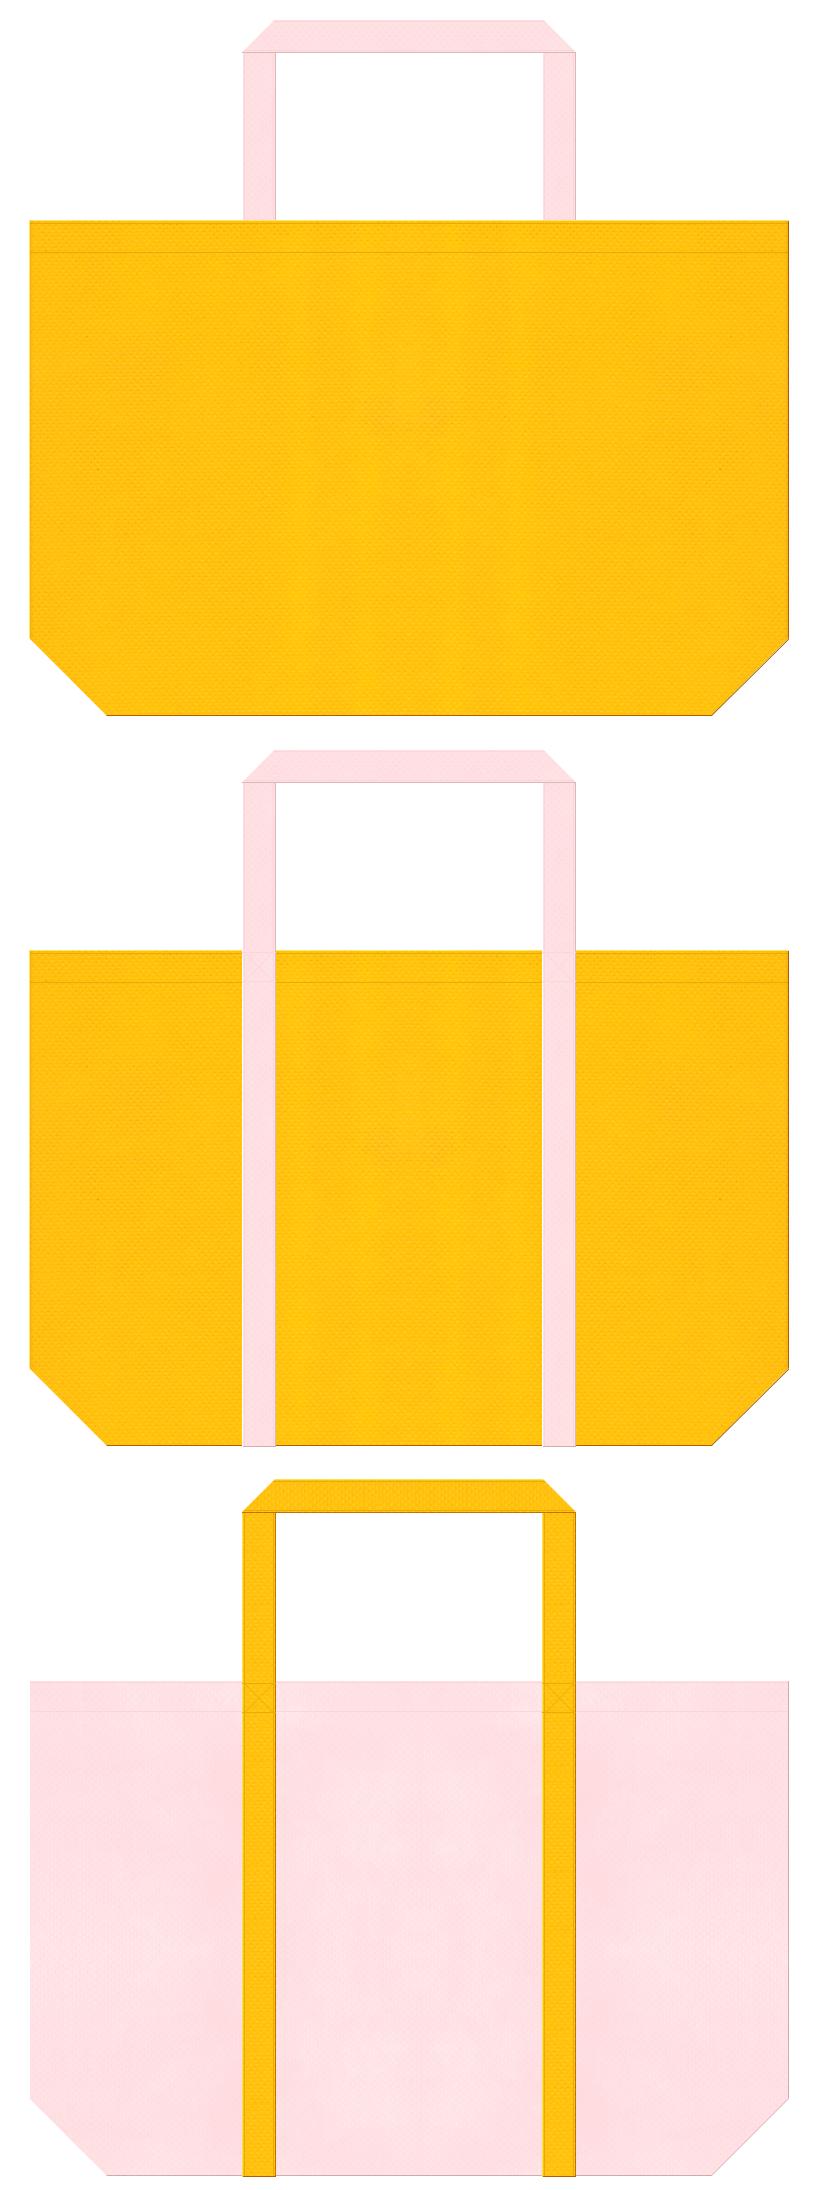 黄色と桜色の不織布バッグデザイン。保育・幼稚園のイメージにお奨めの配色です。